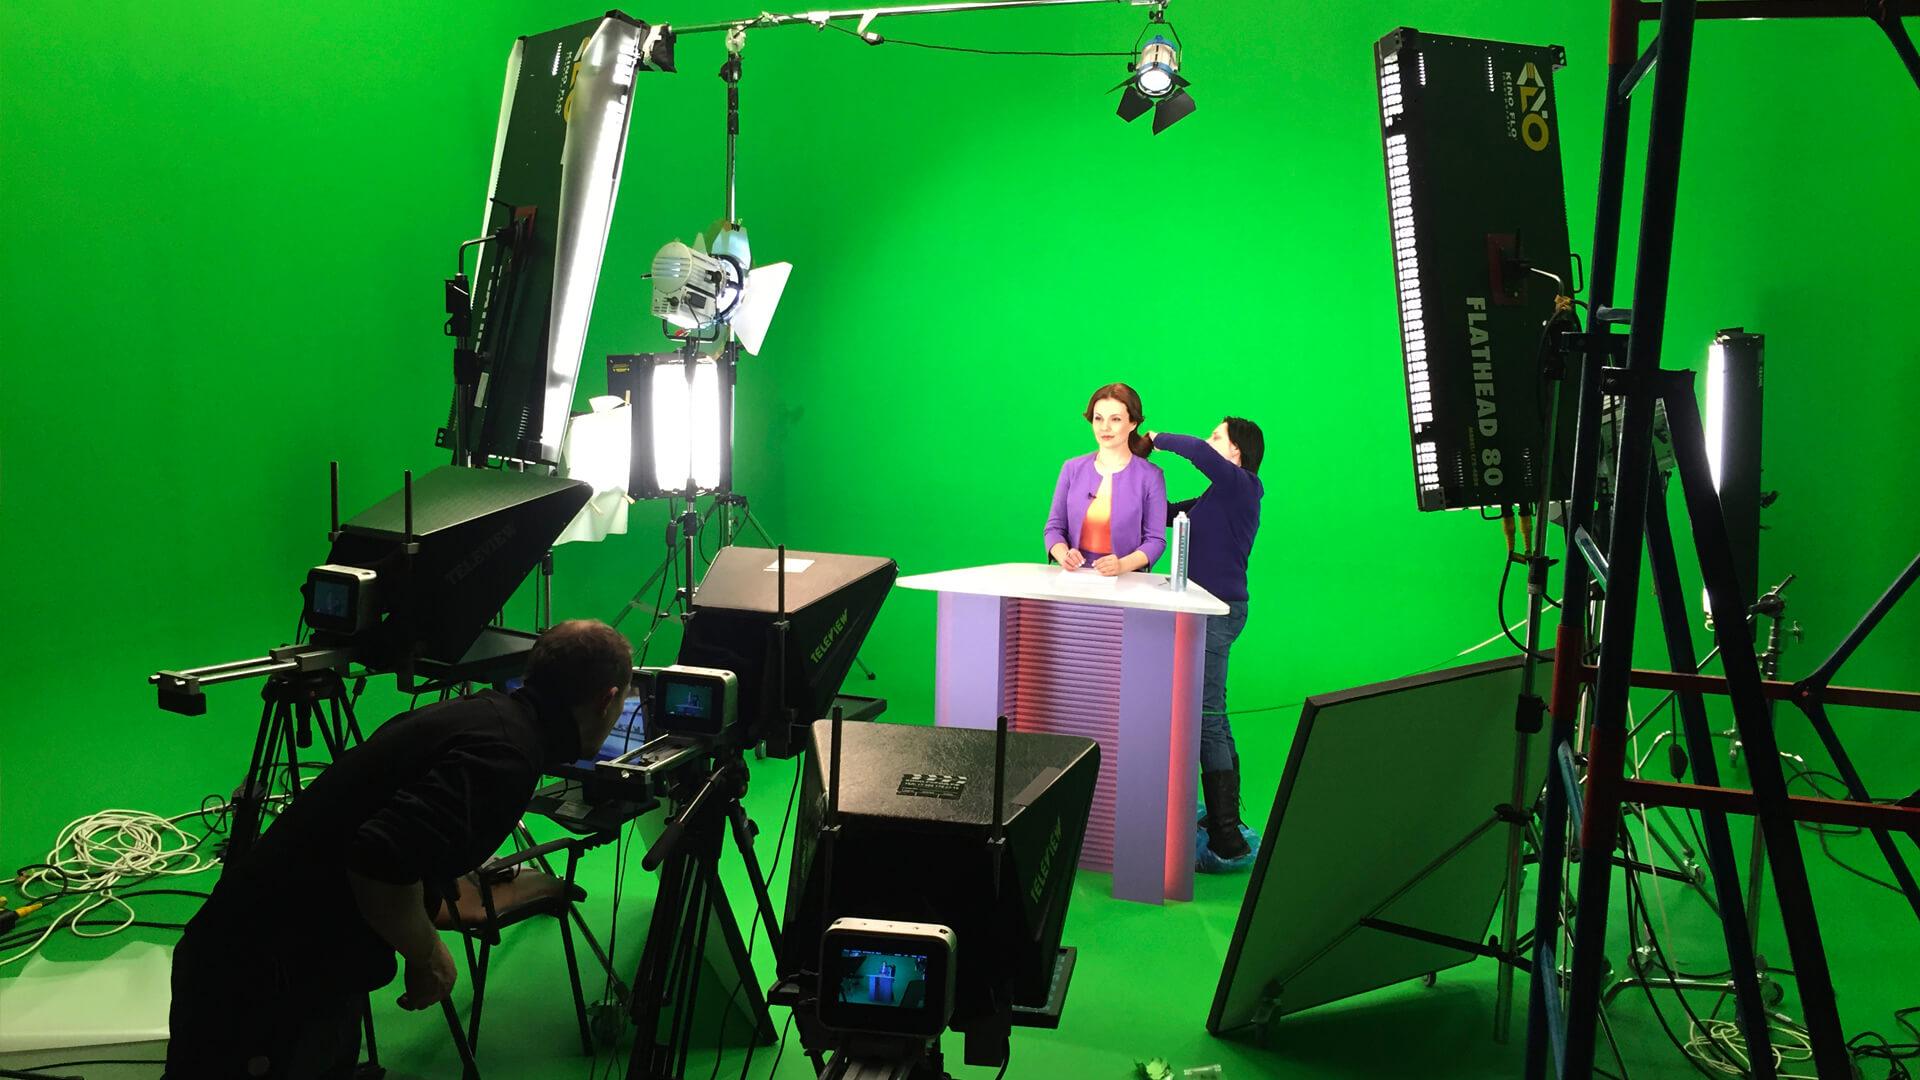 Съемка телепередачи с виртуальной студией